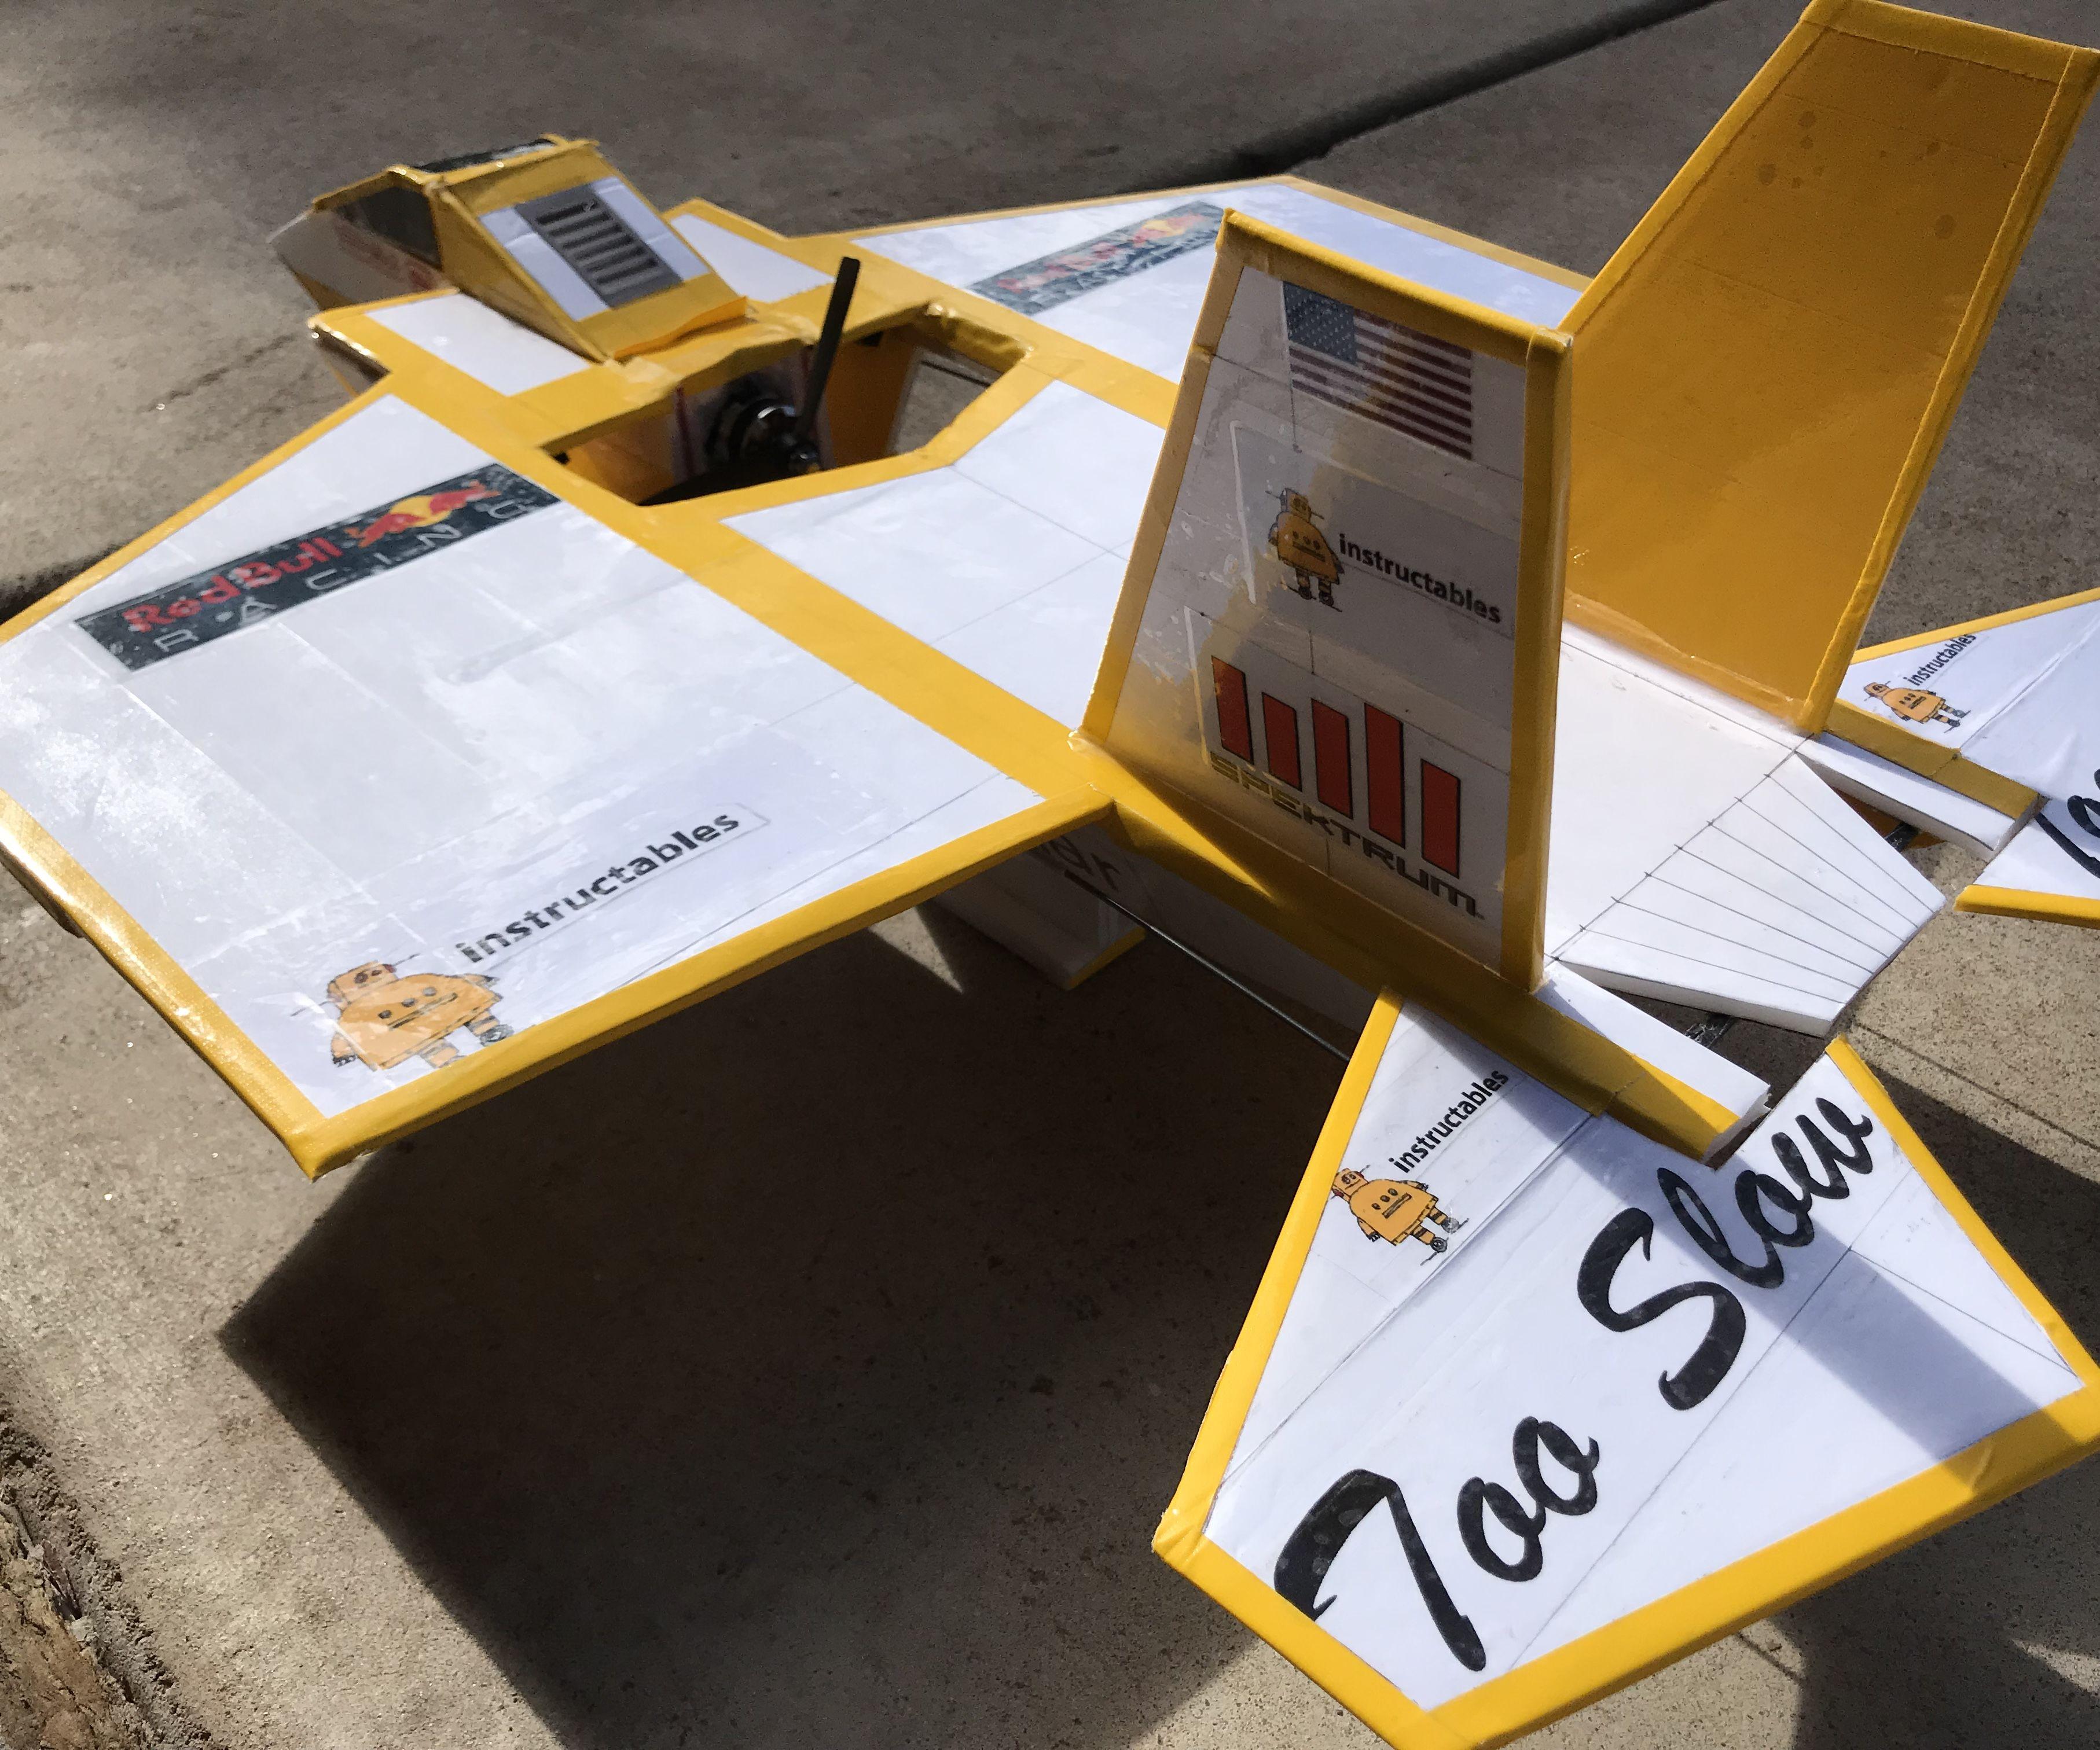 How to Make a R/C Mini F35S, Mr.K's Hangar Style, Instructable Edition.